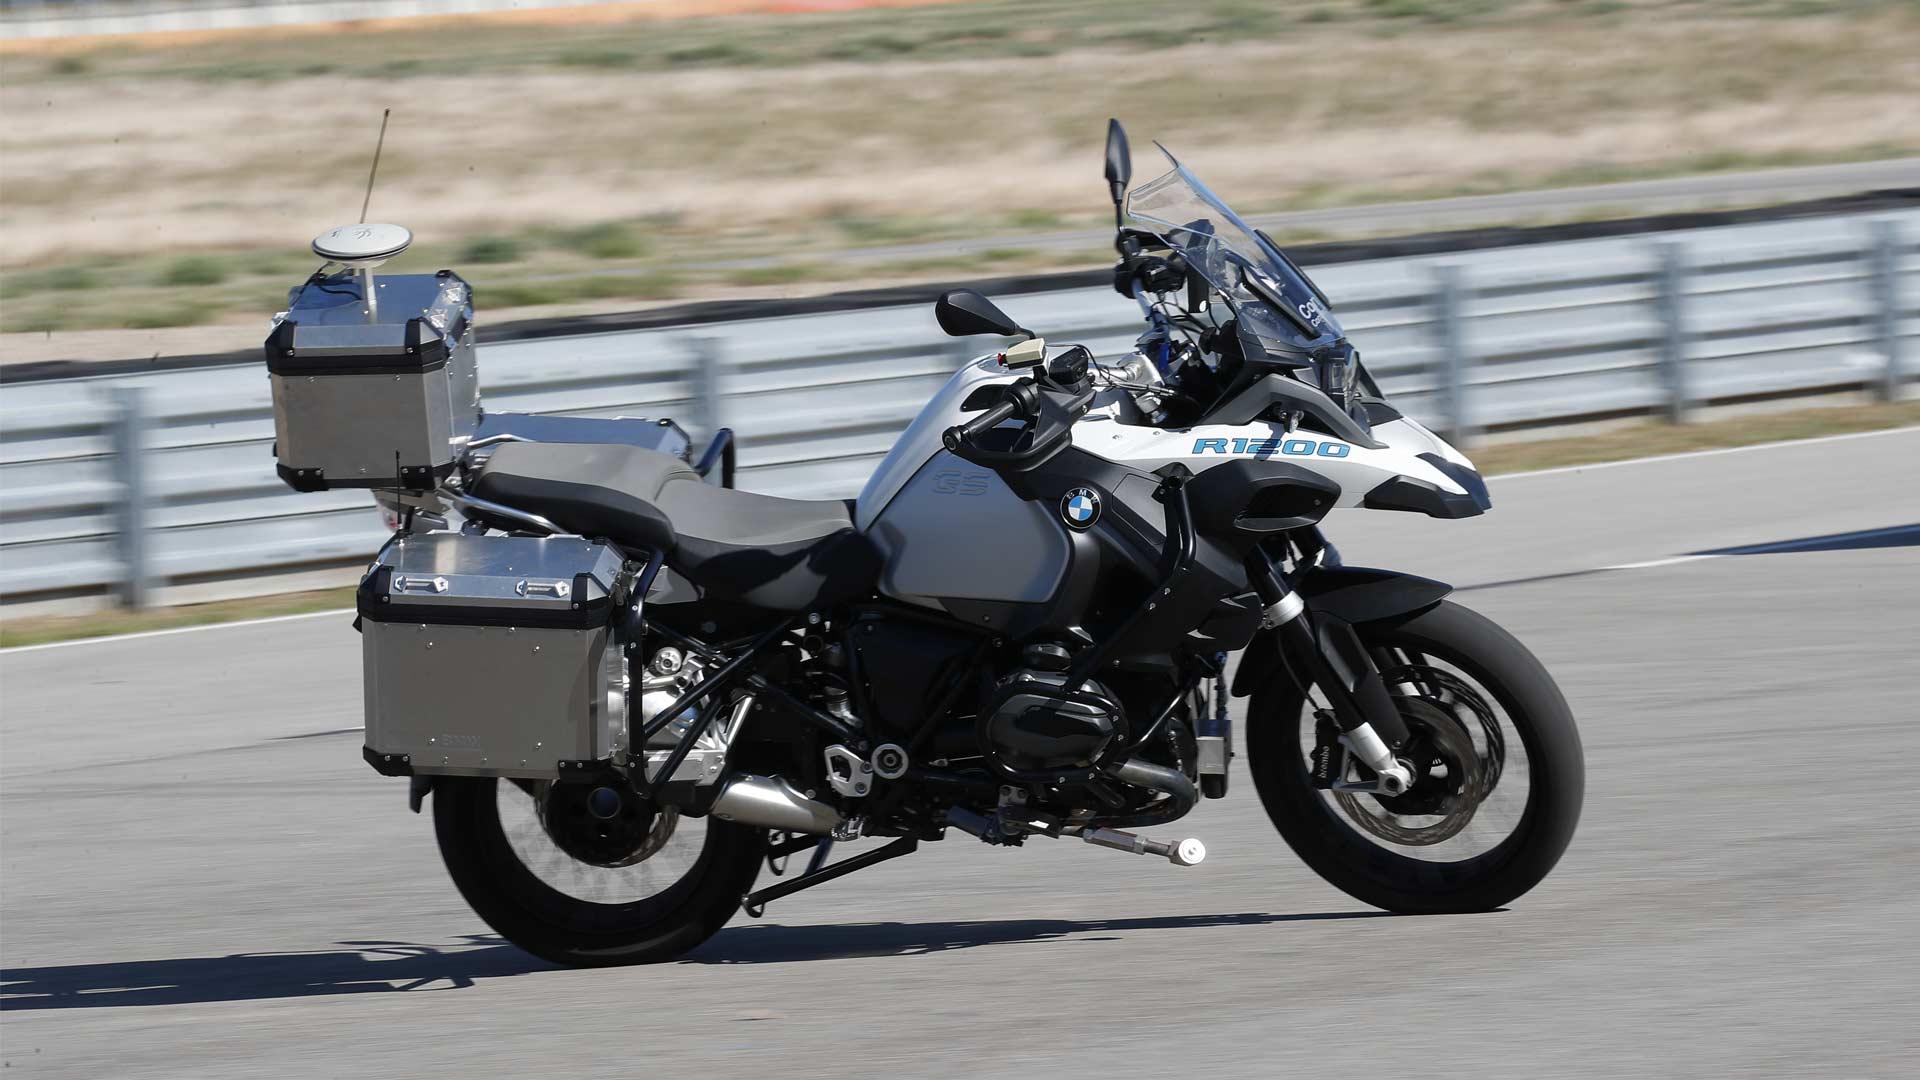 BMW-R-1200-GS-autonomous-bike_2